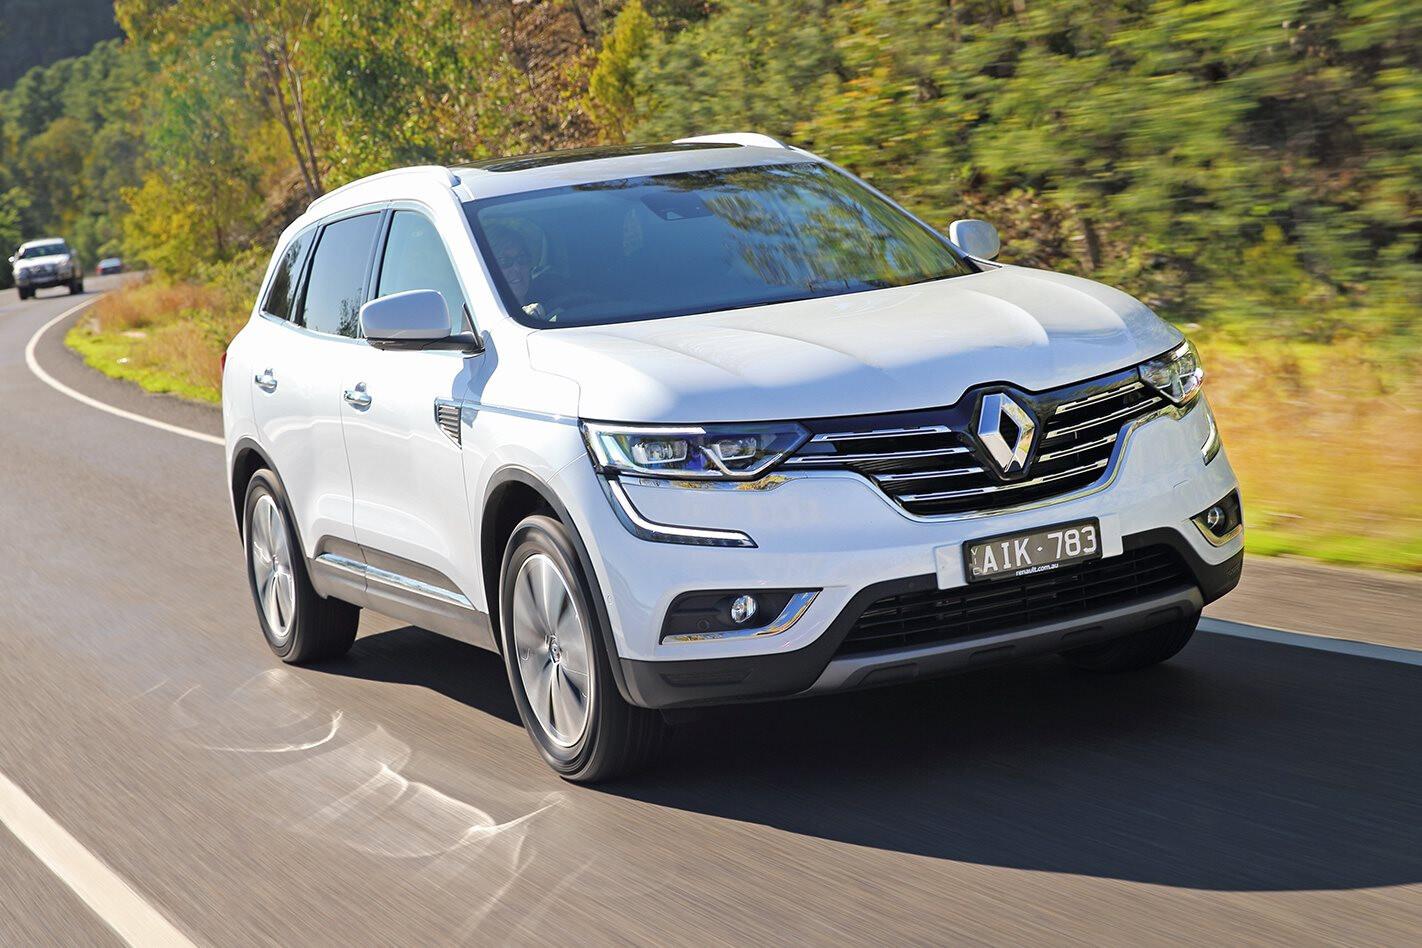 Renault adds diesel power to Koleos SUV range